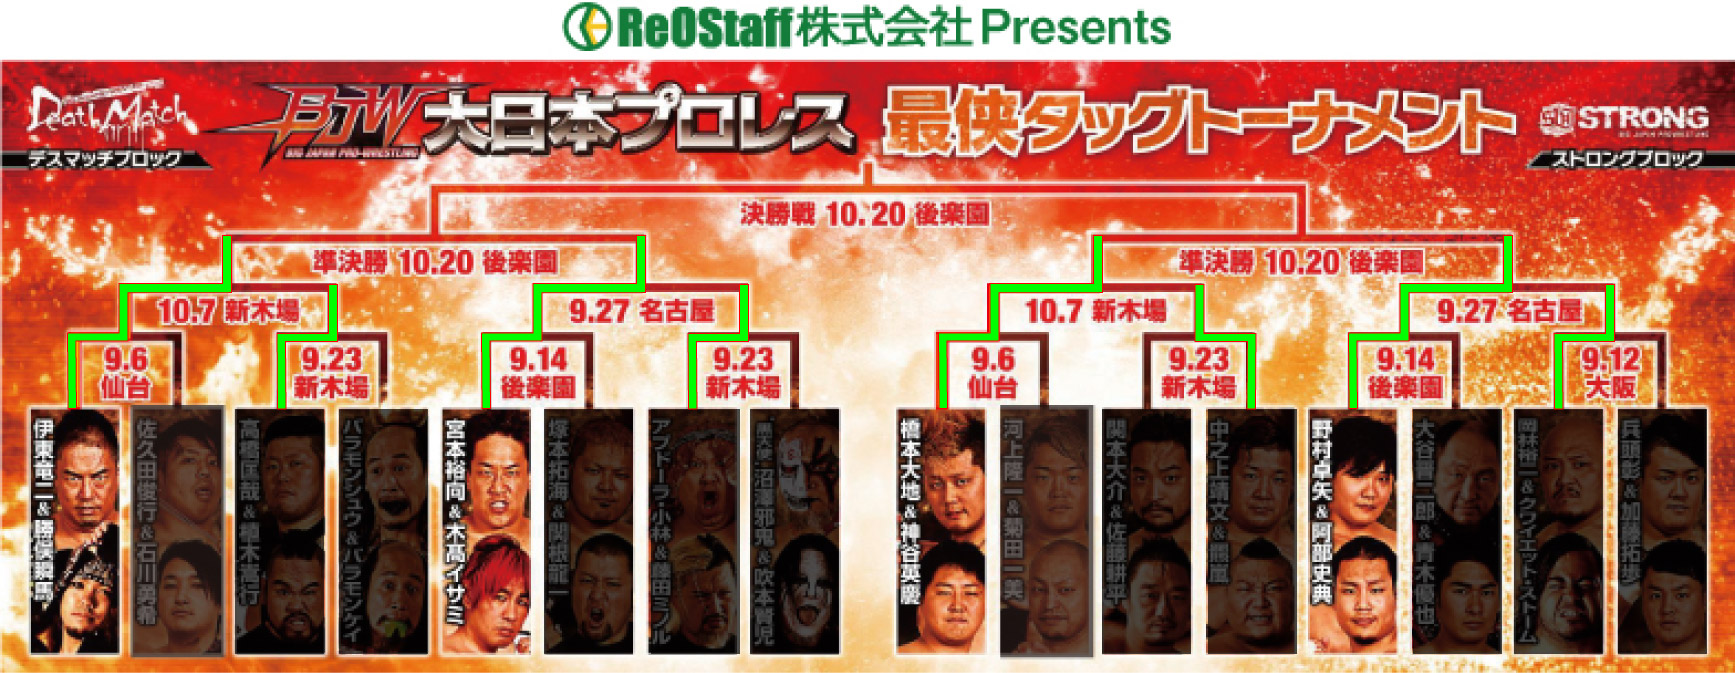 【ついに4強決定!決戦は10/20(水)後楽園ホール大会!】ReOStaff株式会社Presents 最侠タッグトーナメント2020情報